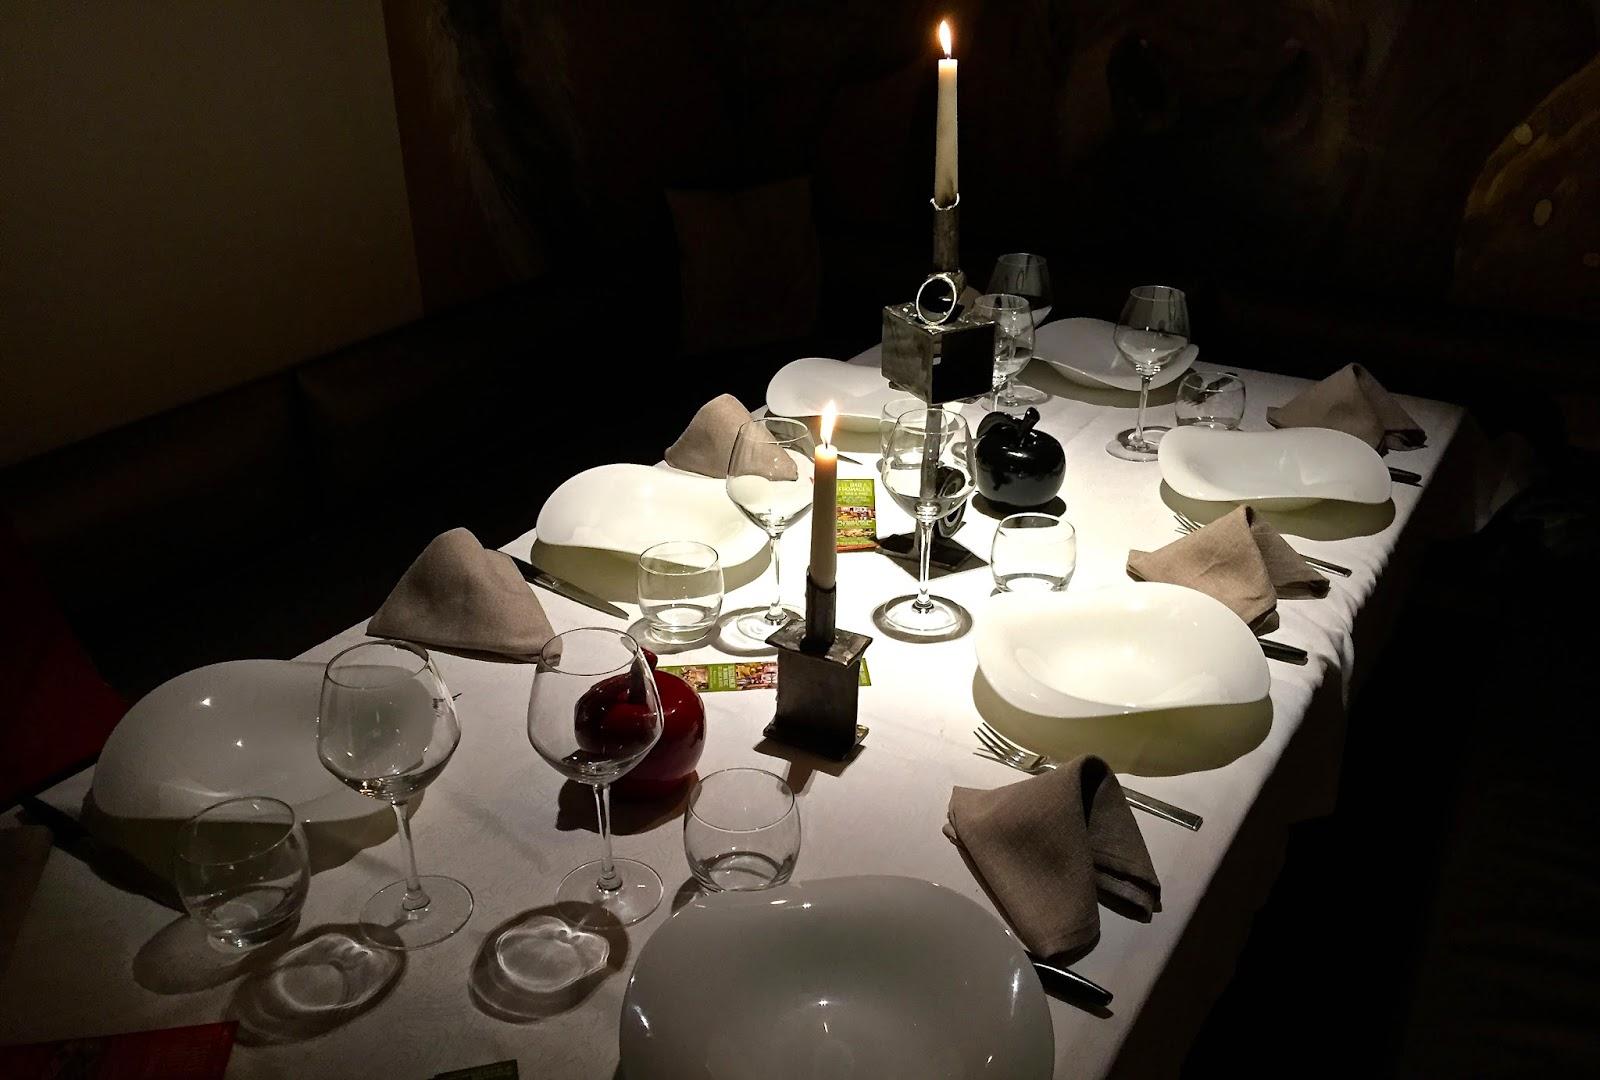 La chamade dinner Portes du Soleil France eat repas price prix precio recomendado